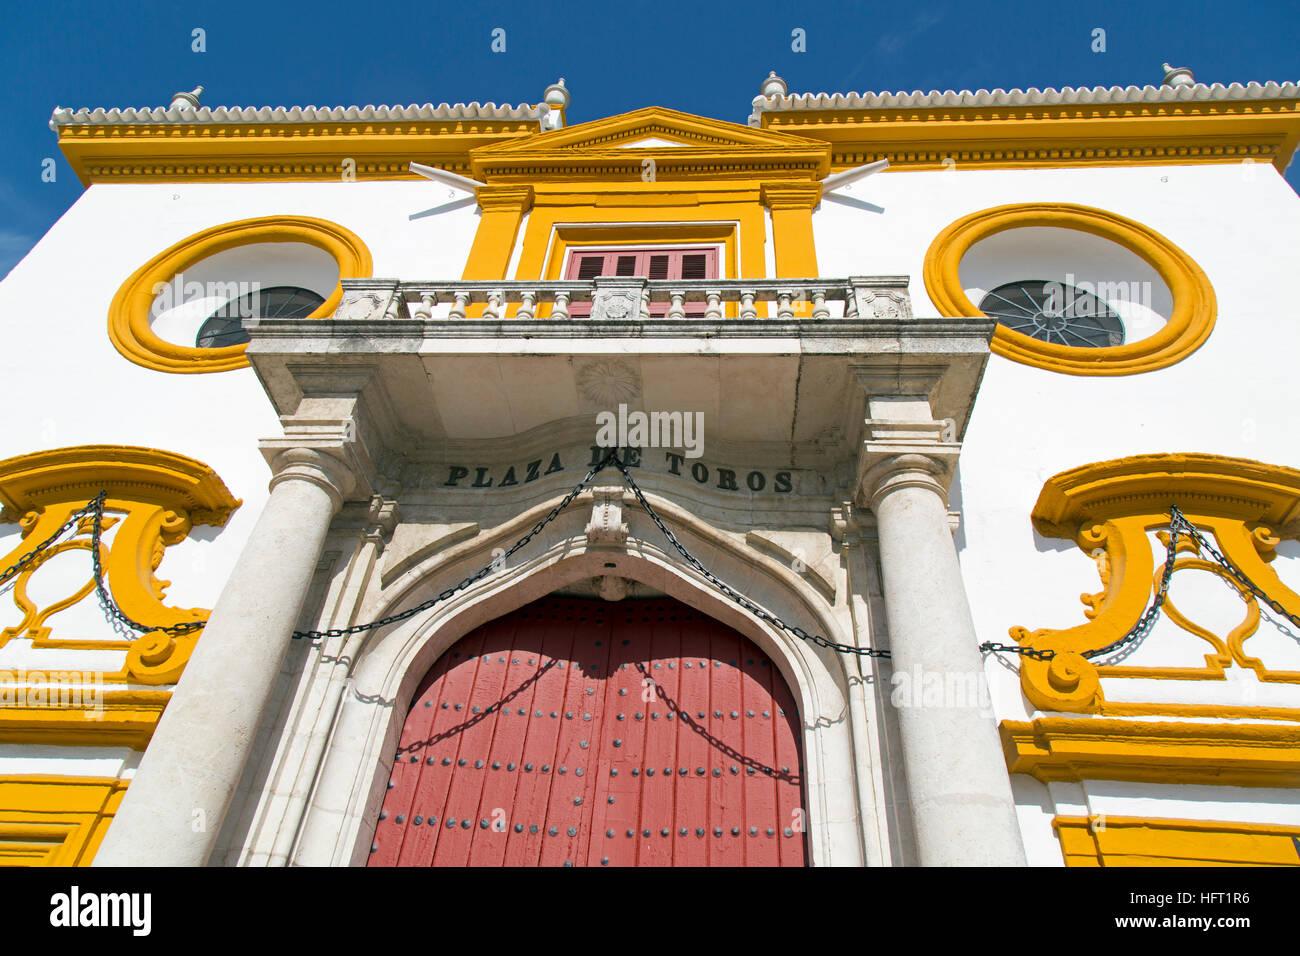 Front facade of Seville Bullring.Plaza de toros de la Real Maestranza de Caballería de Sevill - Stock Image